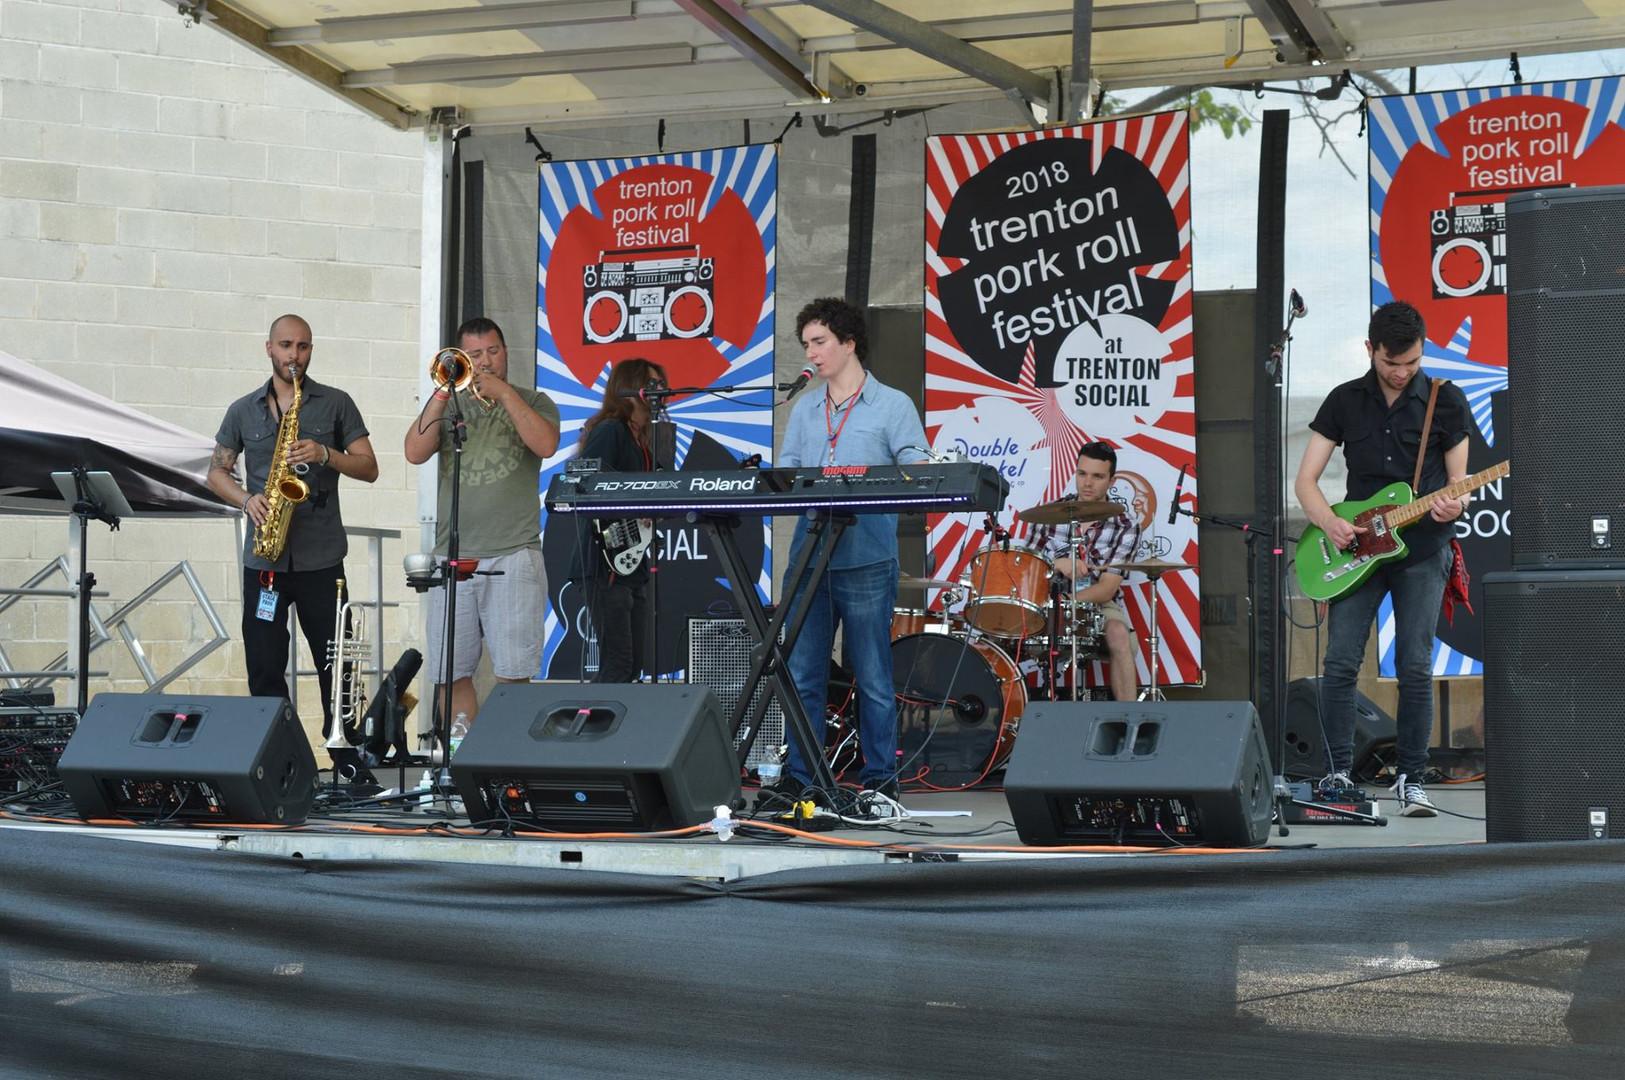 Trenton Pork Roll Fest 2018